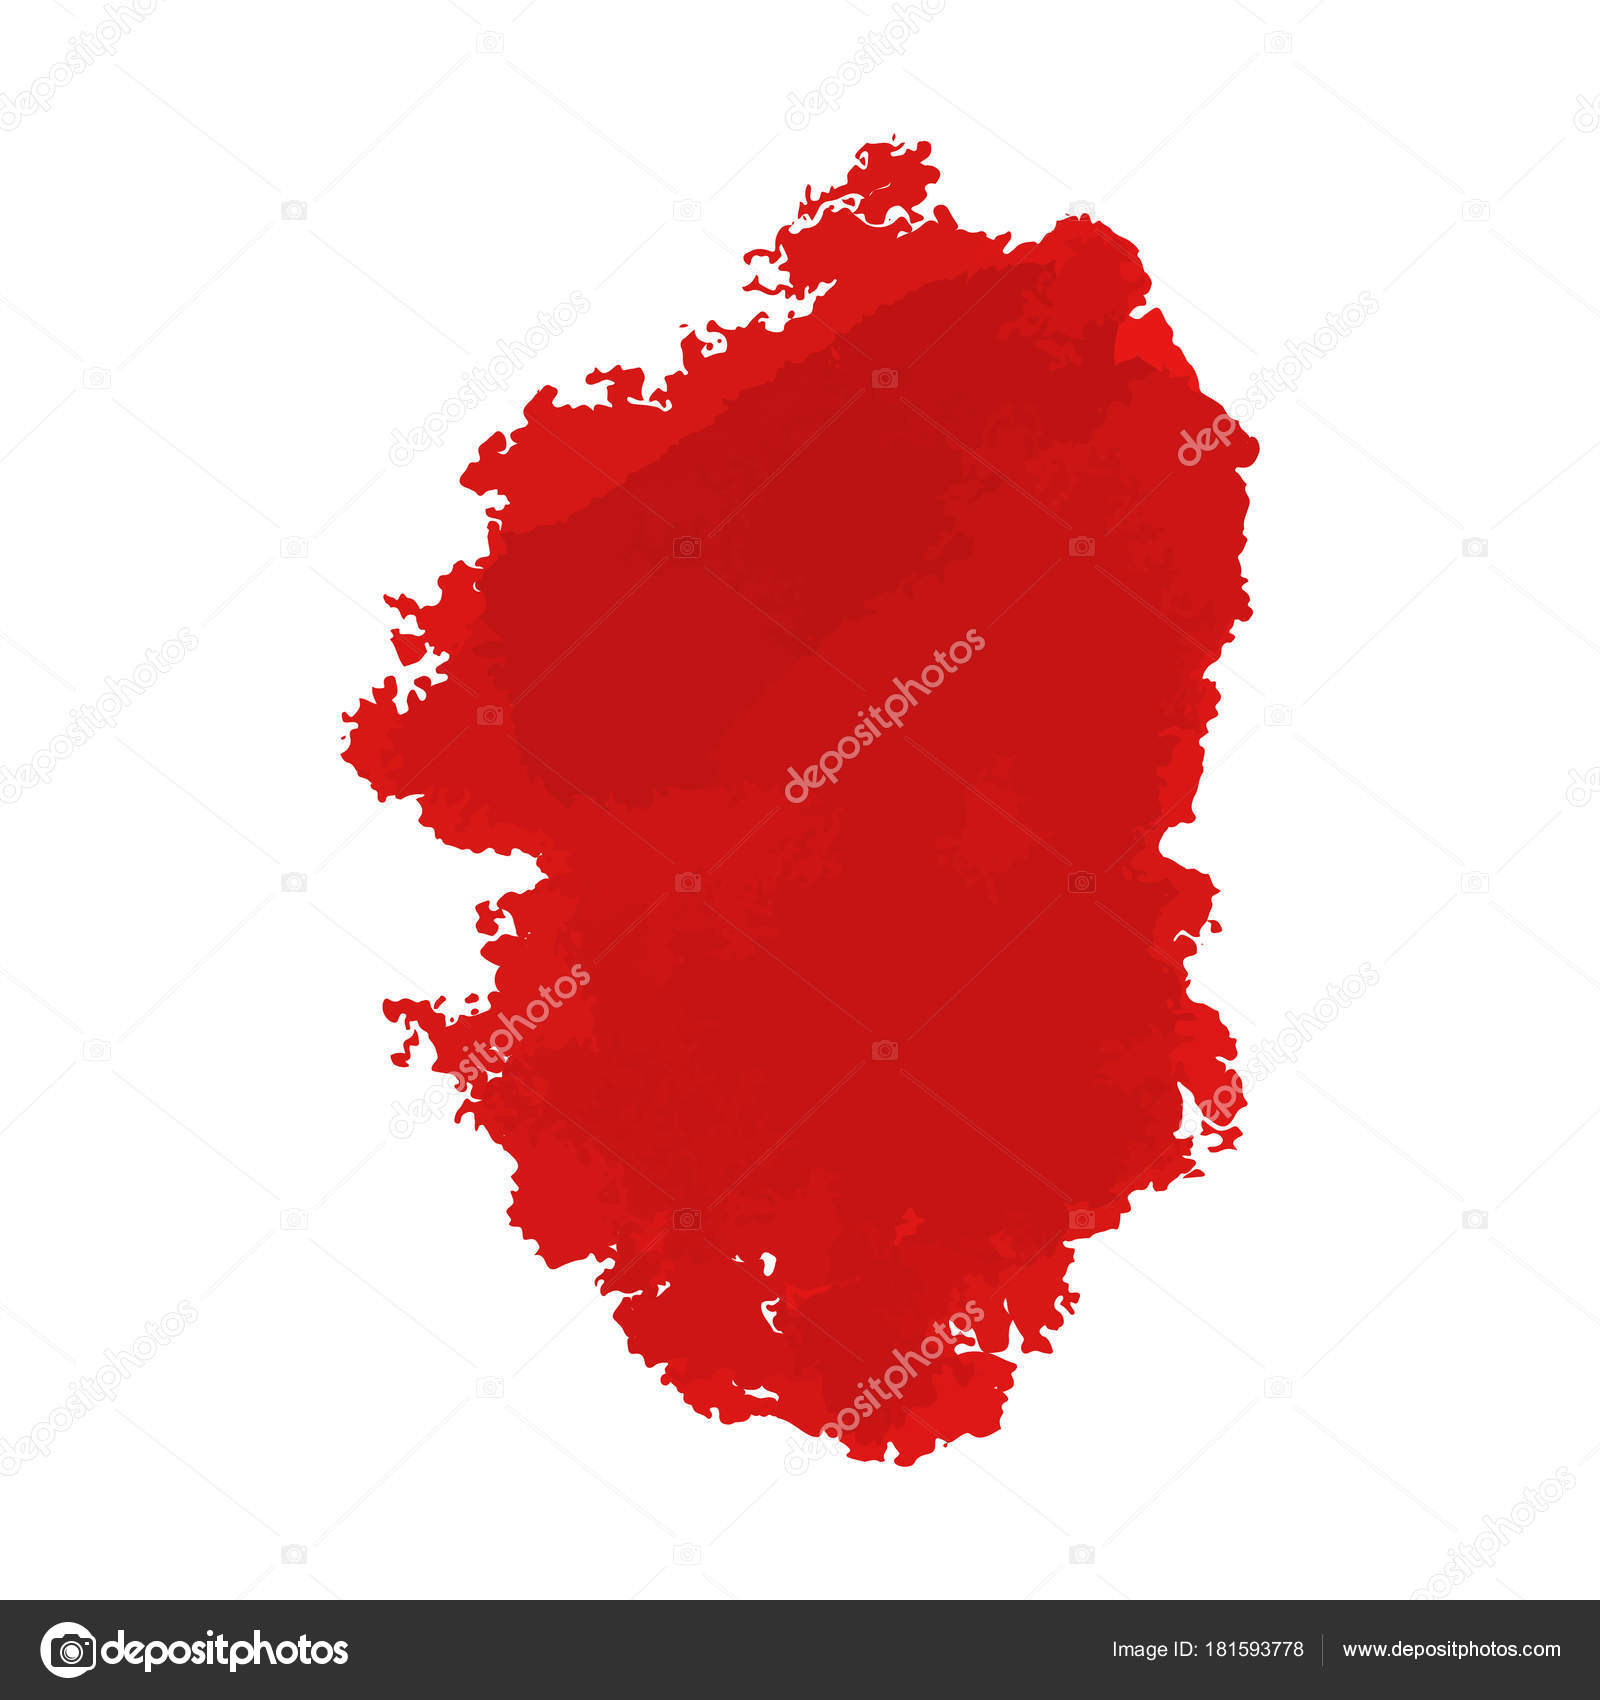 手描き塗装血縦長バナーとグランジ ハロウィン背景の傷ベクトル